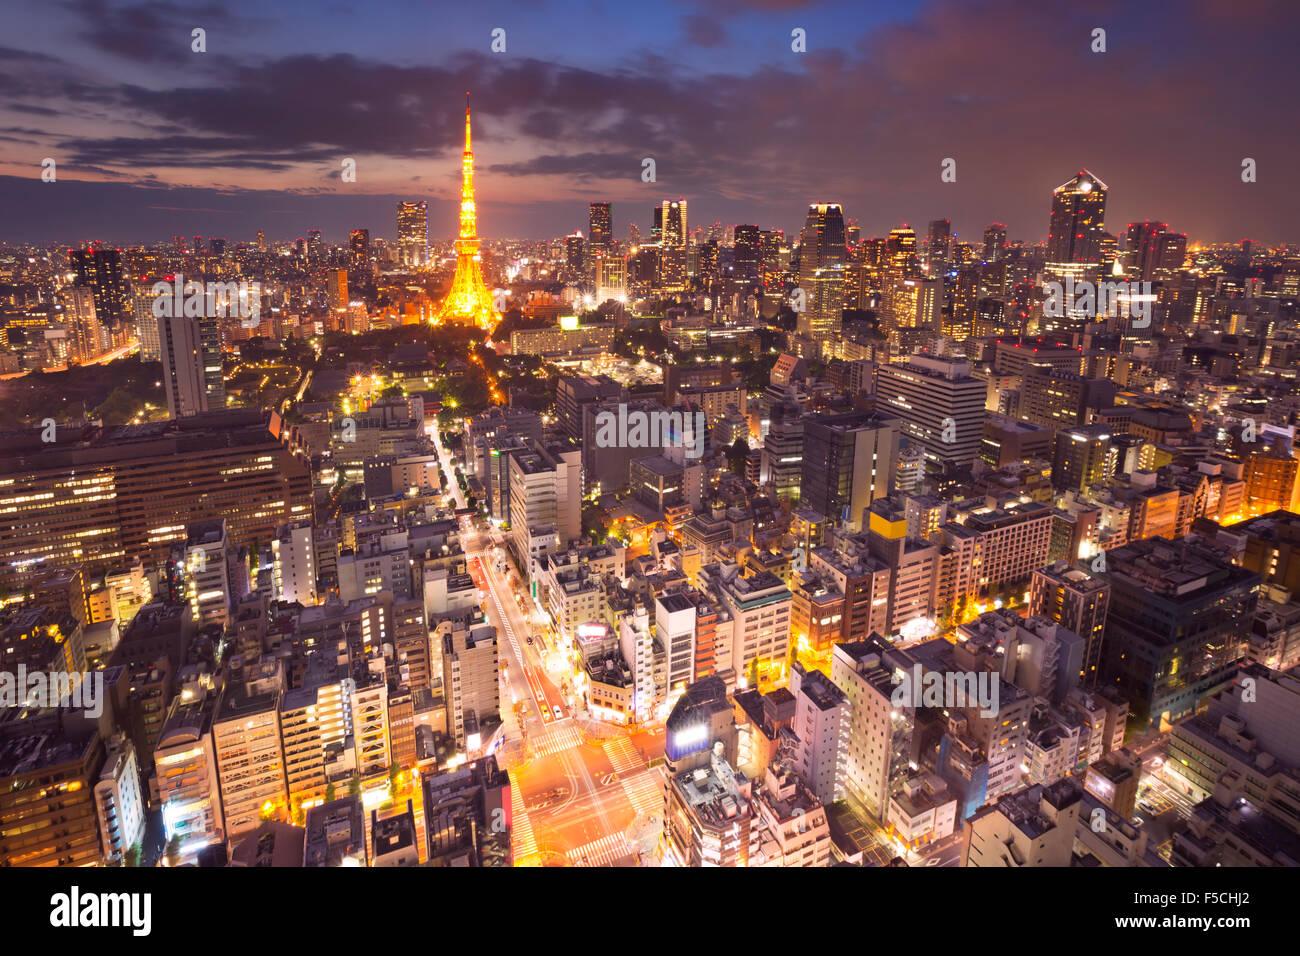 L'horizon de Tokyo, au Japon avec la Tour de Tokyo photographié au crépuscule. Photo Stock